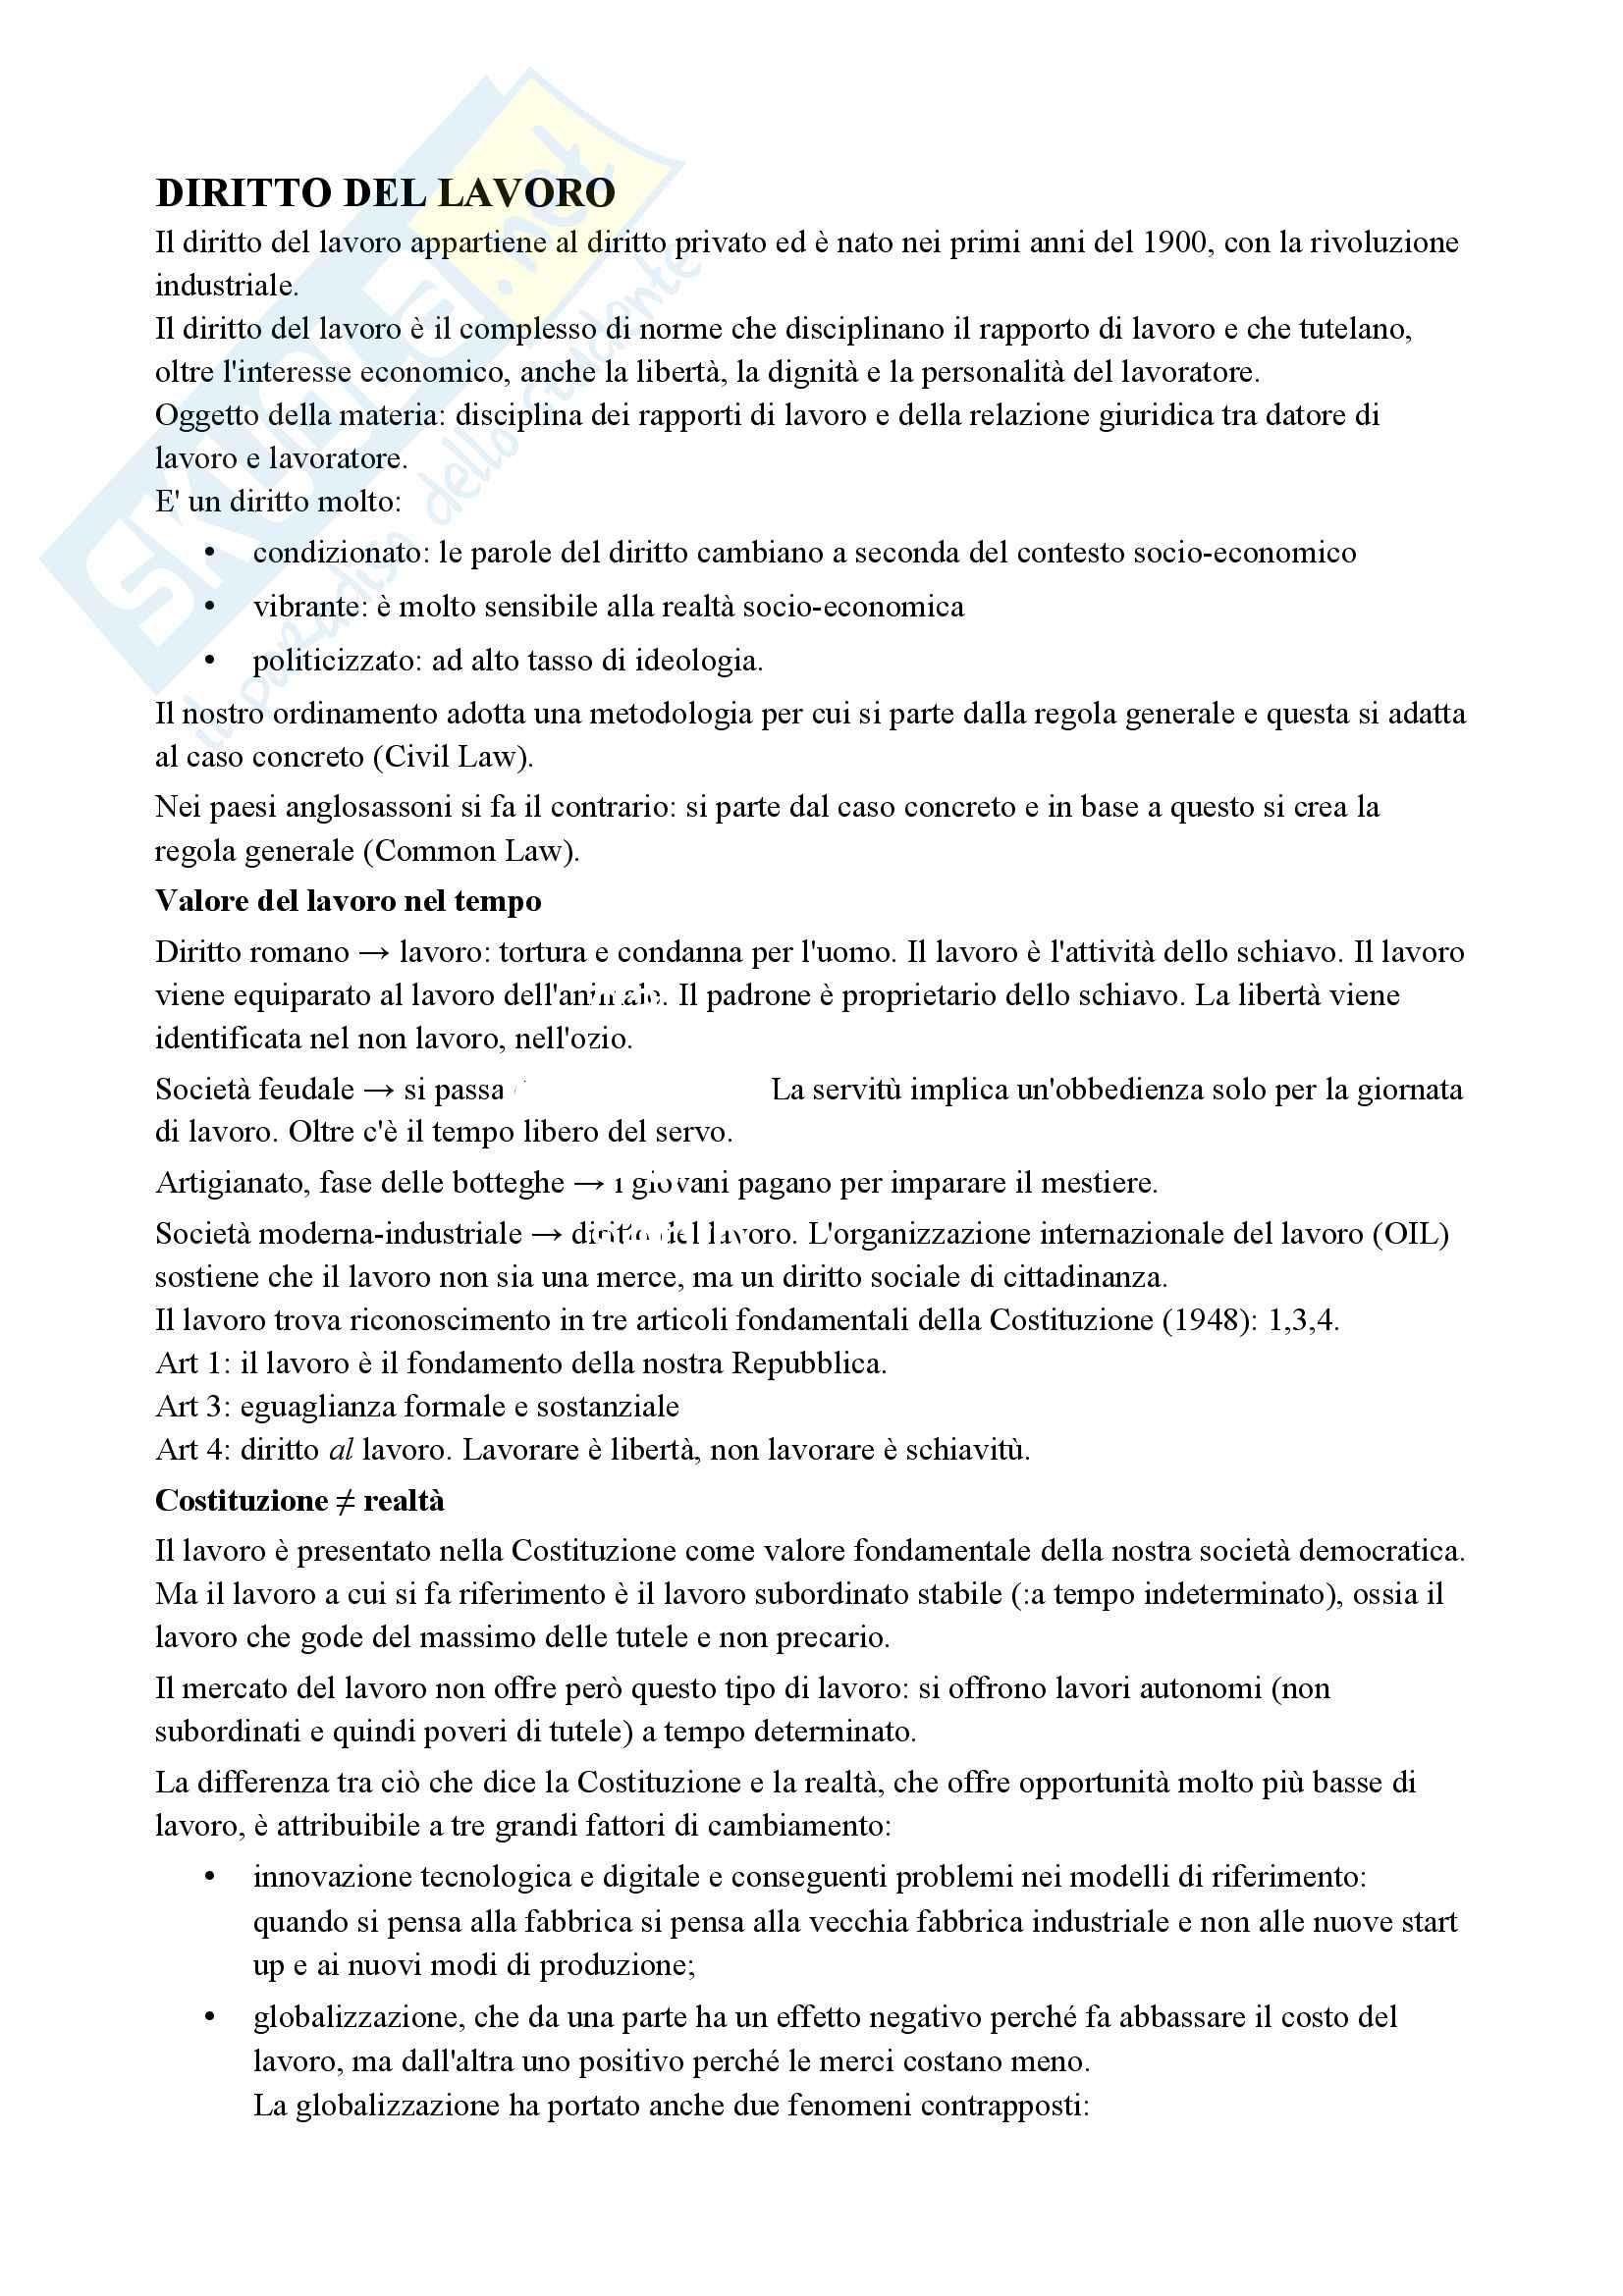 Diritto del lavoro (economia)